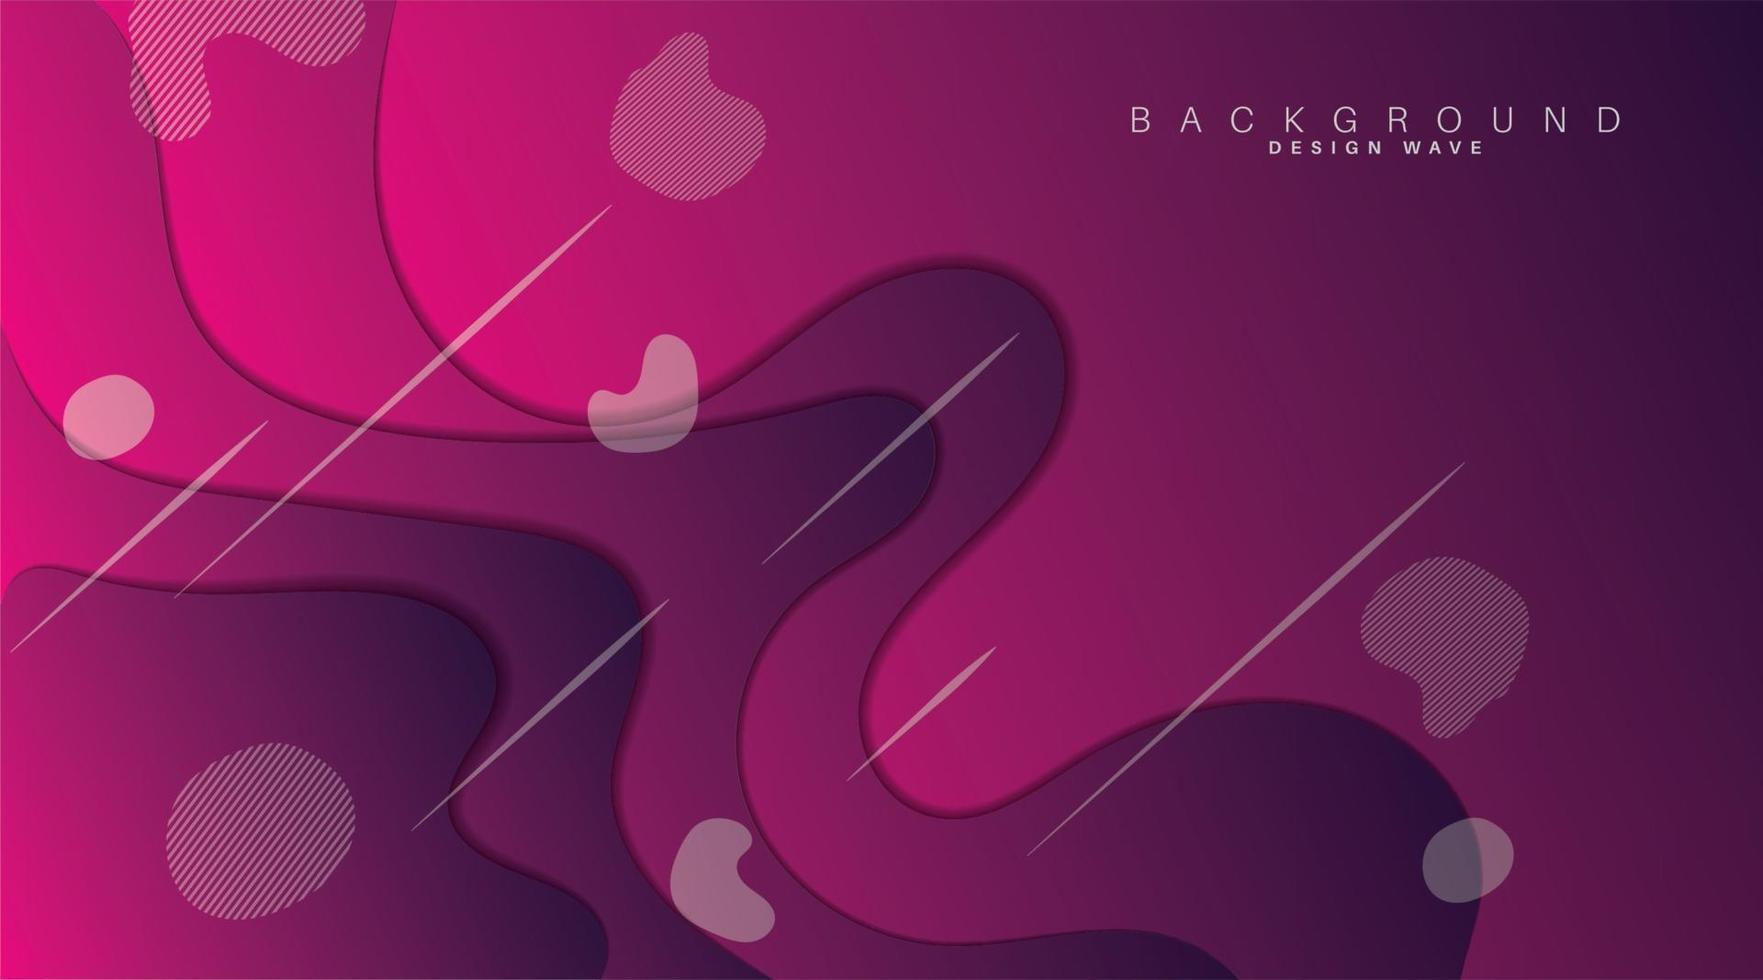 Wellenform mit violettem Farbverlauf. Papierschnitt Hintergrund. Vektor-Design-Illustration vektor